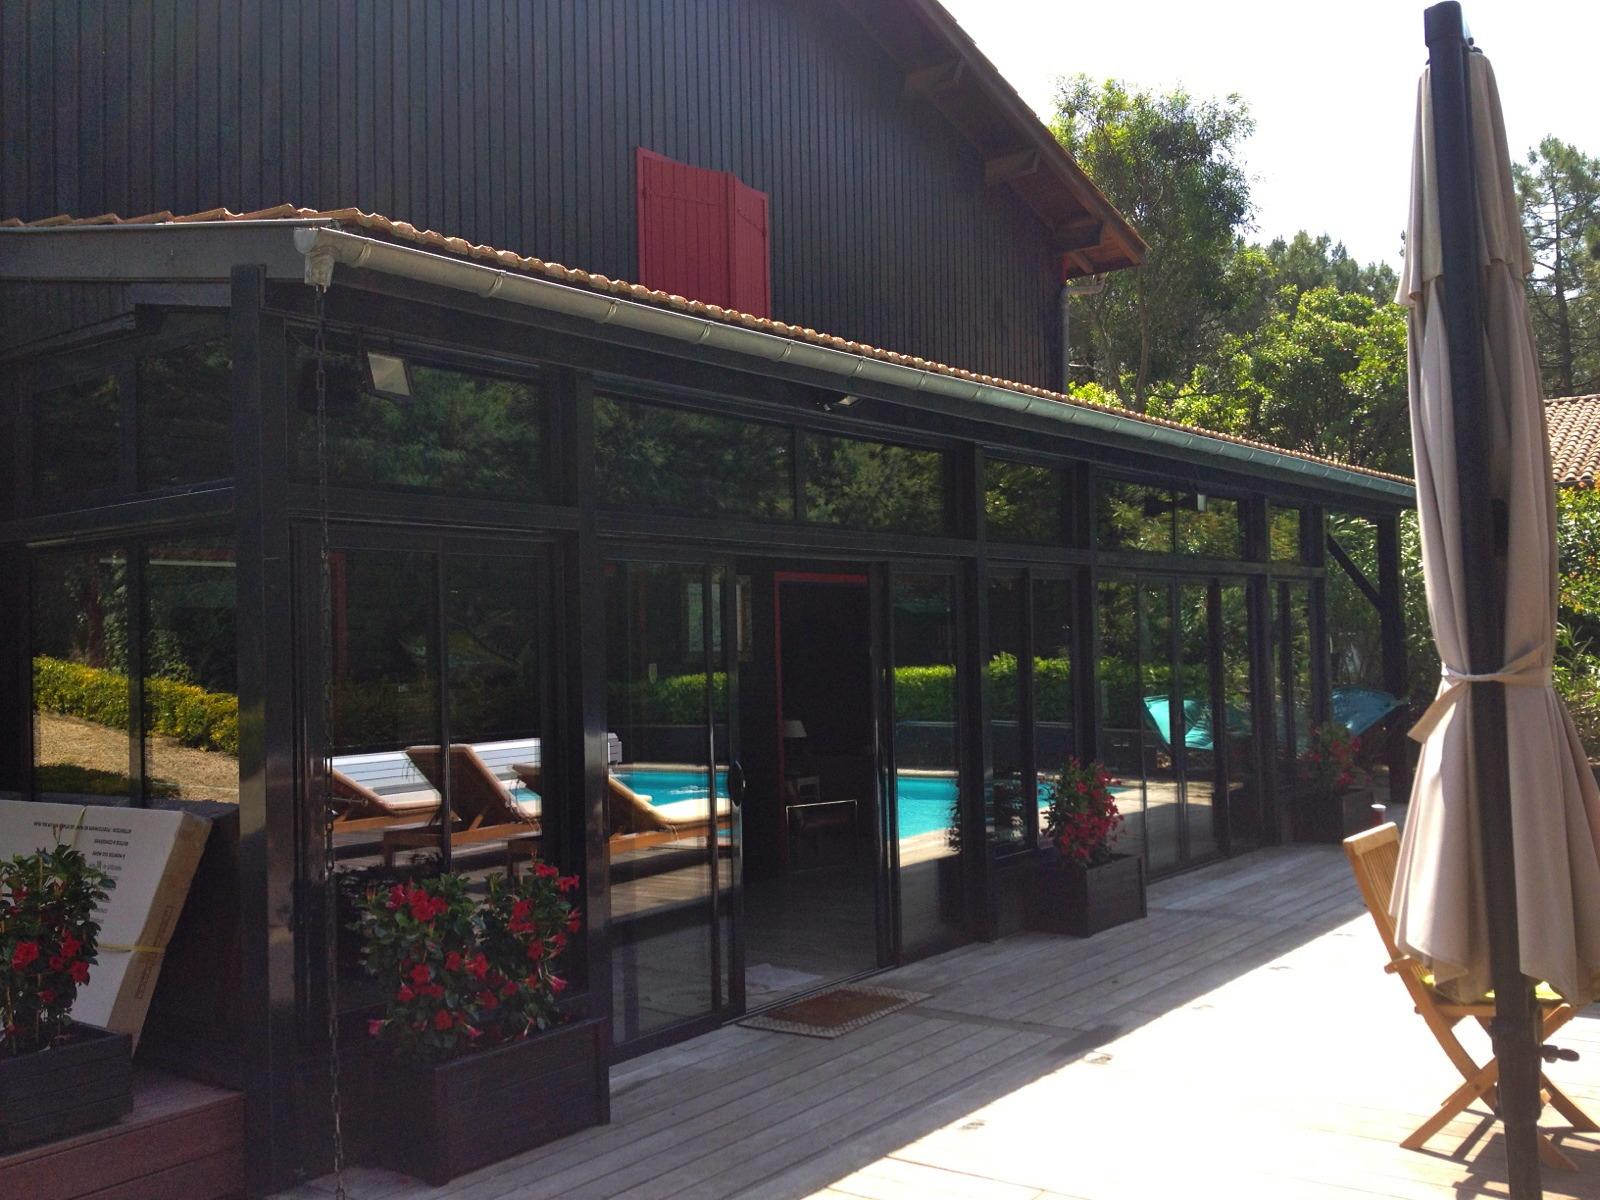 cap ferret grande villa avec piscine barnes bassin d With location villa cap ferret avec piscine 0 cap ferret grande villa avec piscine barnes bassin d